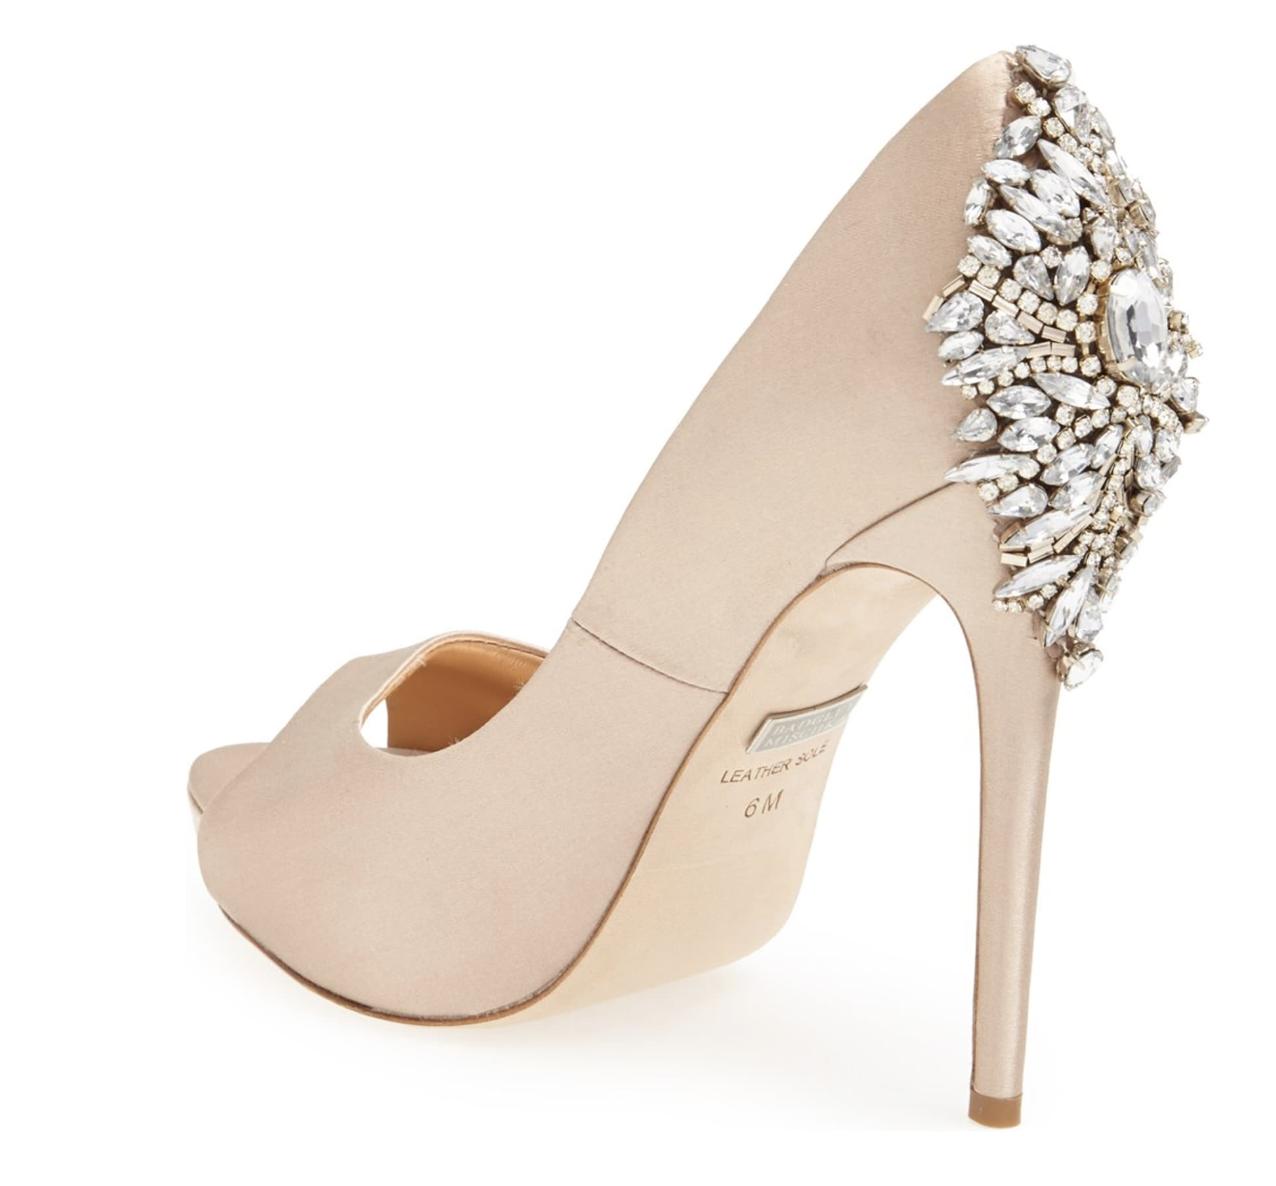 Glam Wedding Heels - Badgley Mischka 'Kiara' Crystal Back Open Toe Pump